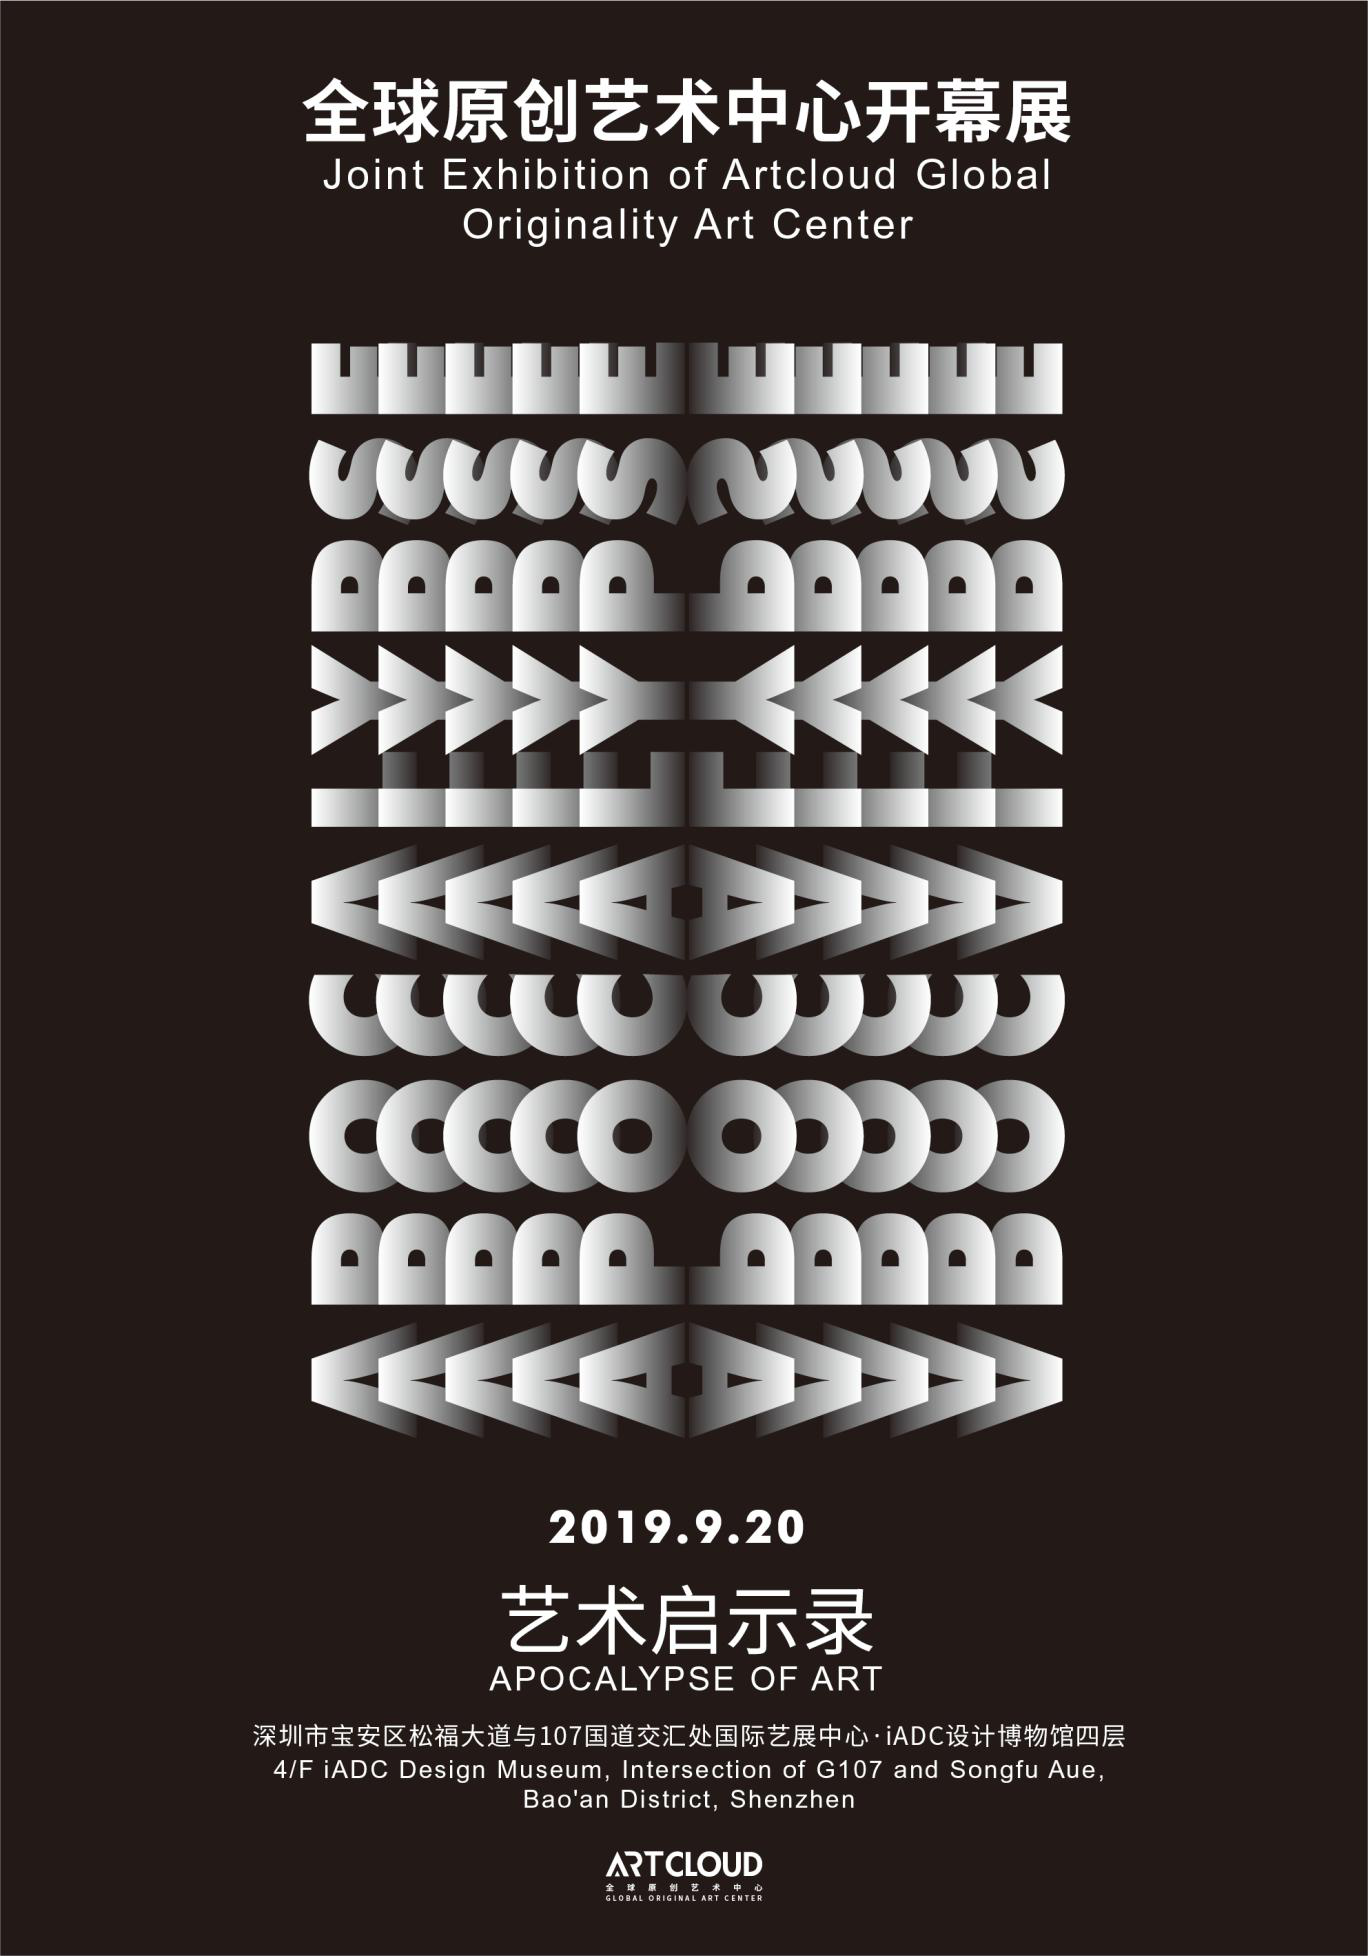 艺术启示录Artcloud全球原创艺术中心开幕展深圳站